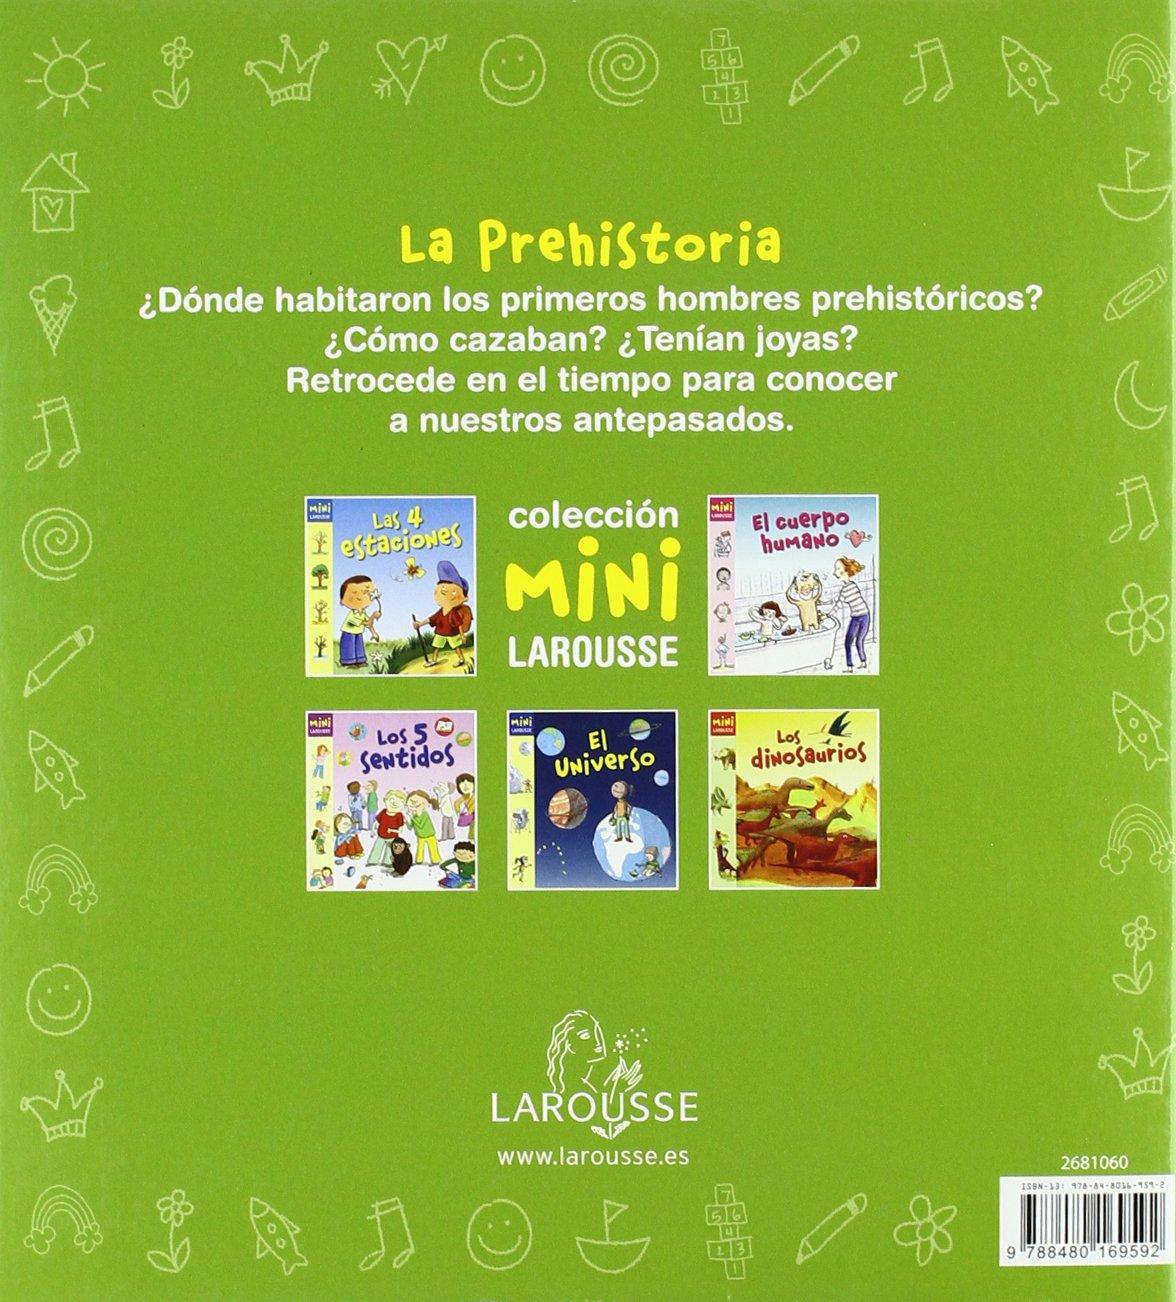 La Prehistoria LAROUSSE - Infantil / Juvenil - Castellano - A partir de 5/6 años - Colección Mini Larousse: Amazon.es: Aa.Vv.: Libros